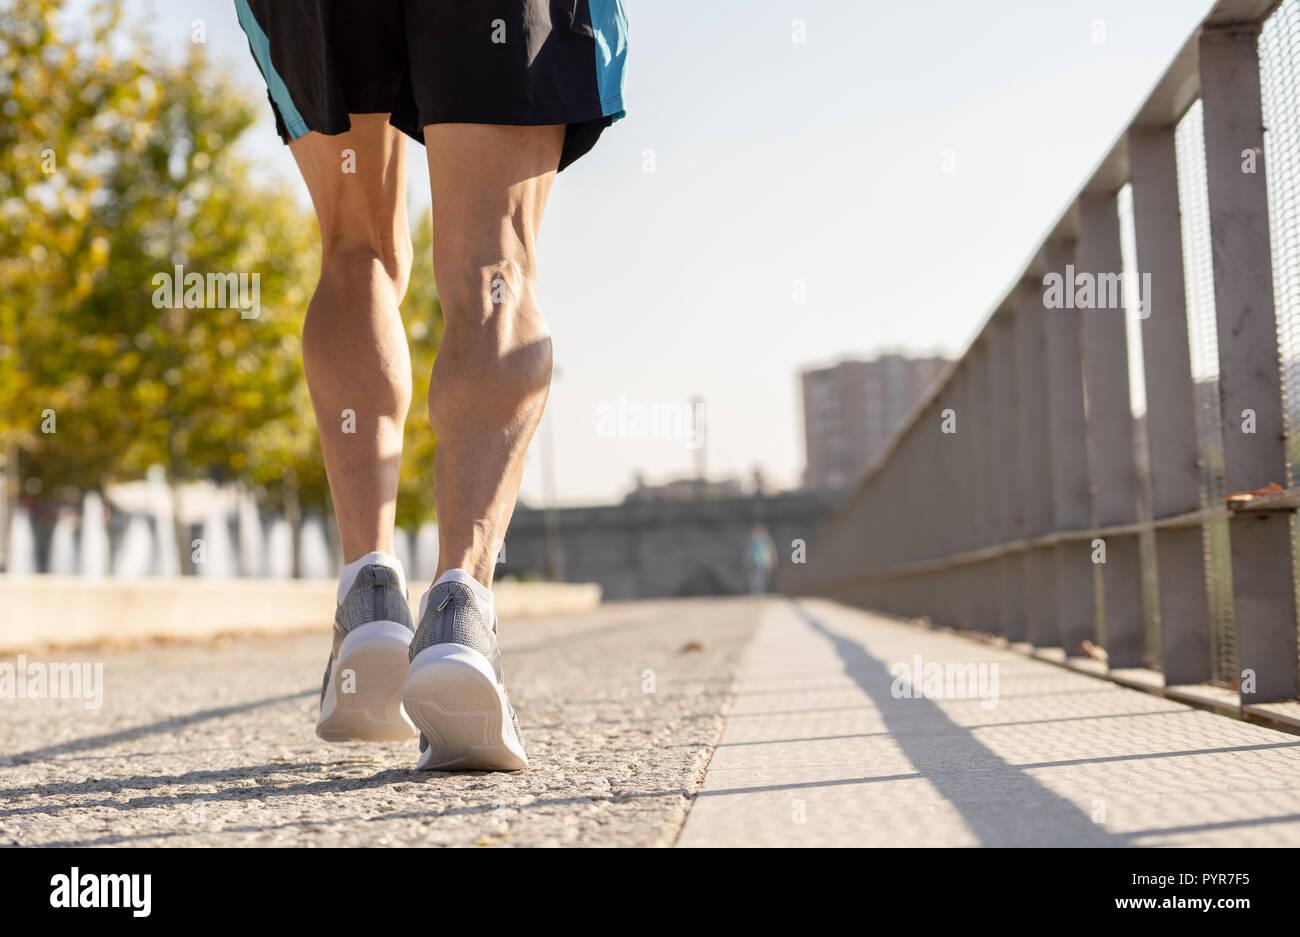 Lesioni muscolari, come riconoscerle e come trattarle